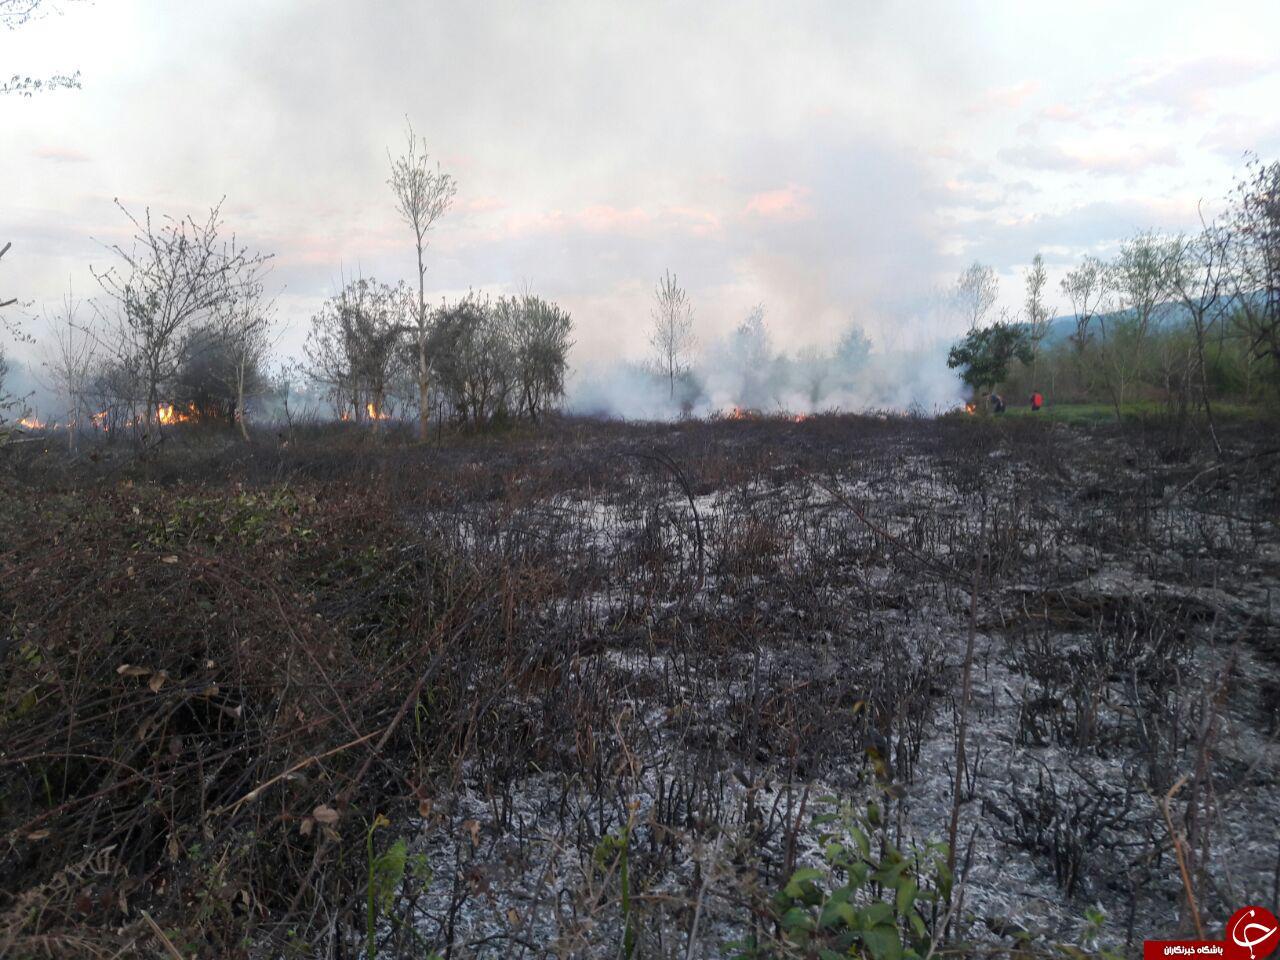 آتش سوزی در یک هکتار از باغات چای منطقه توسکا محله قاسم آباد علیا